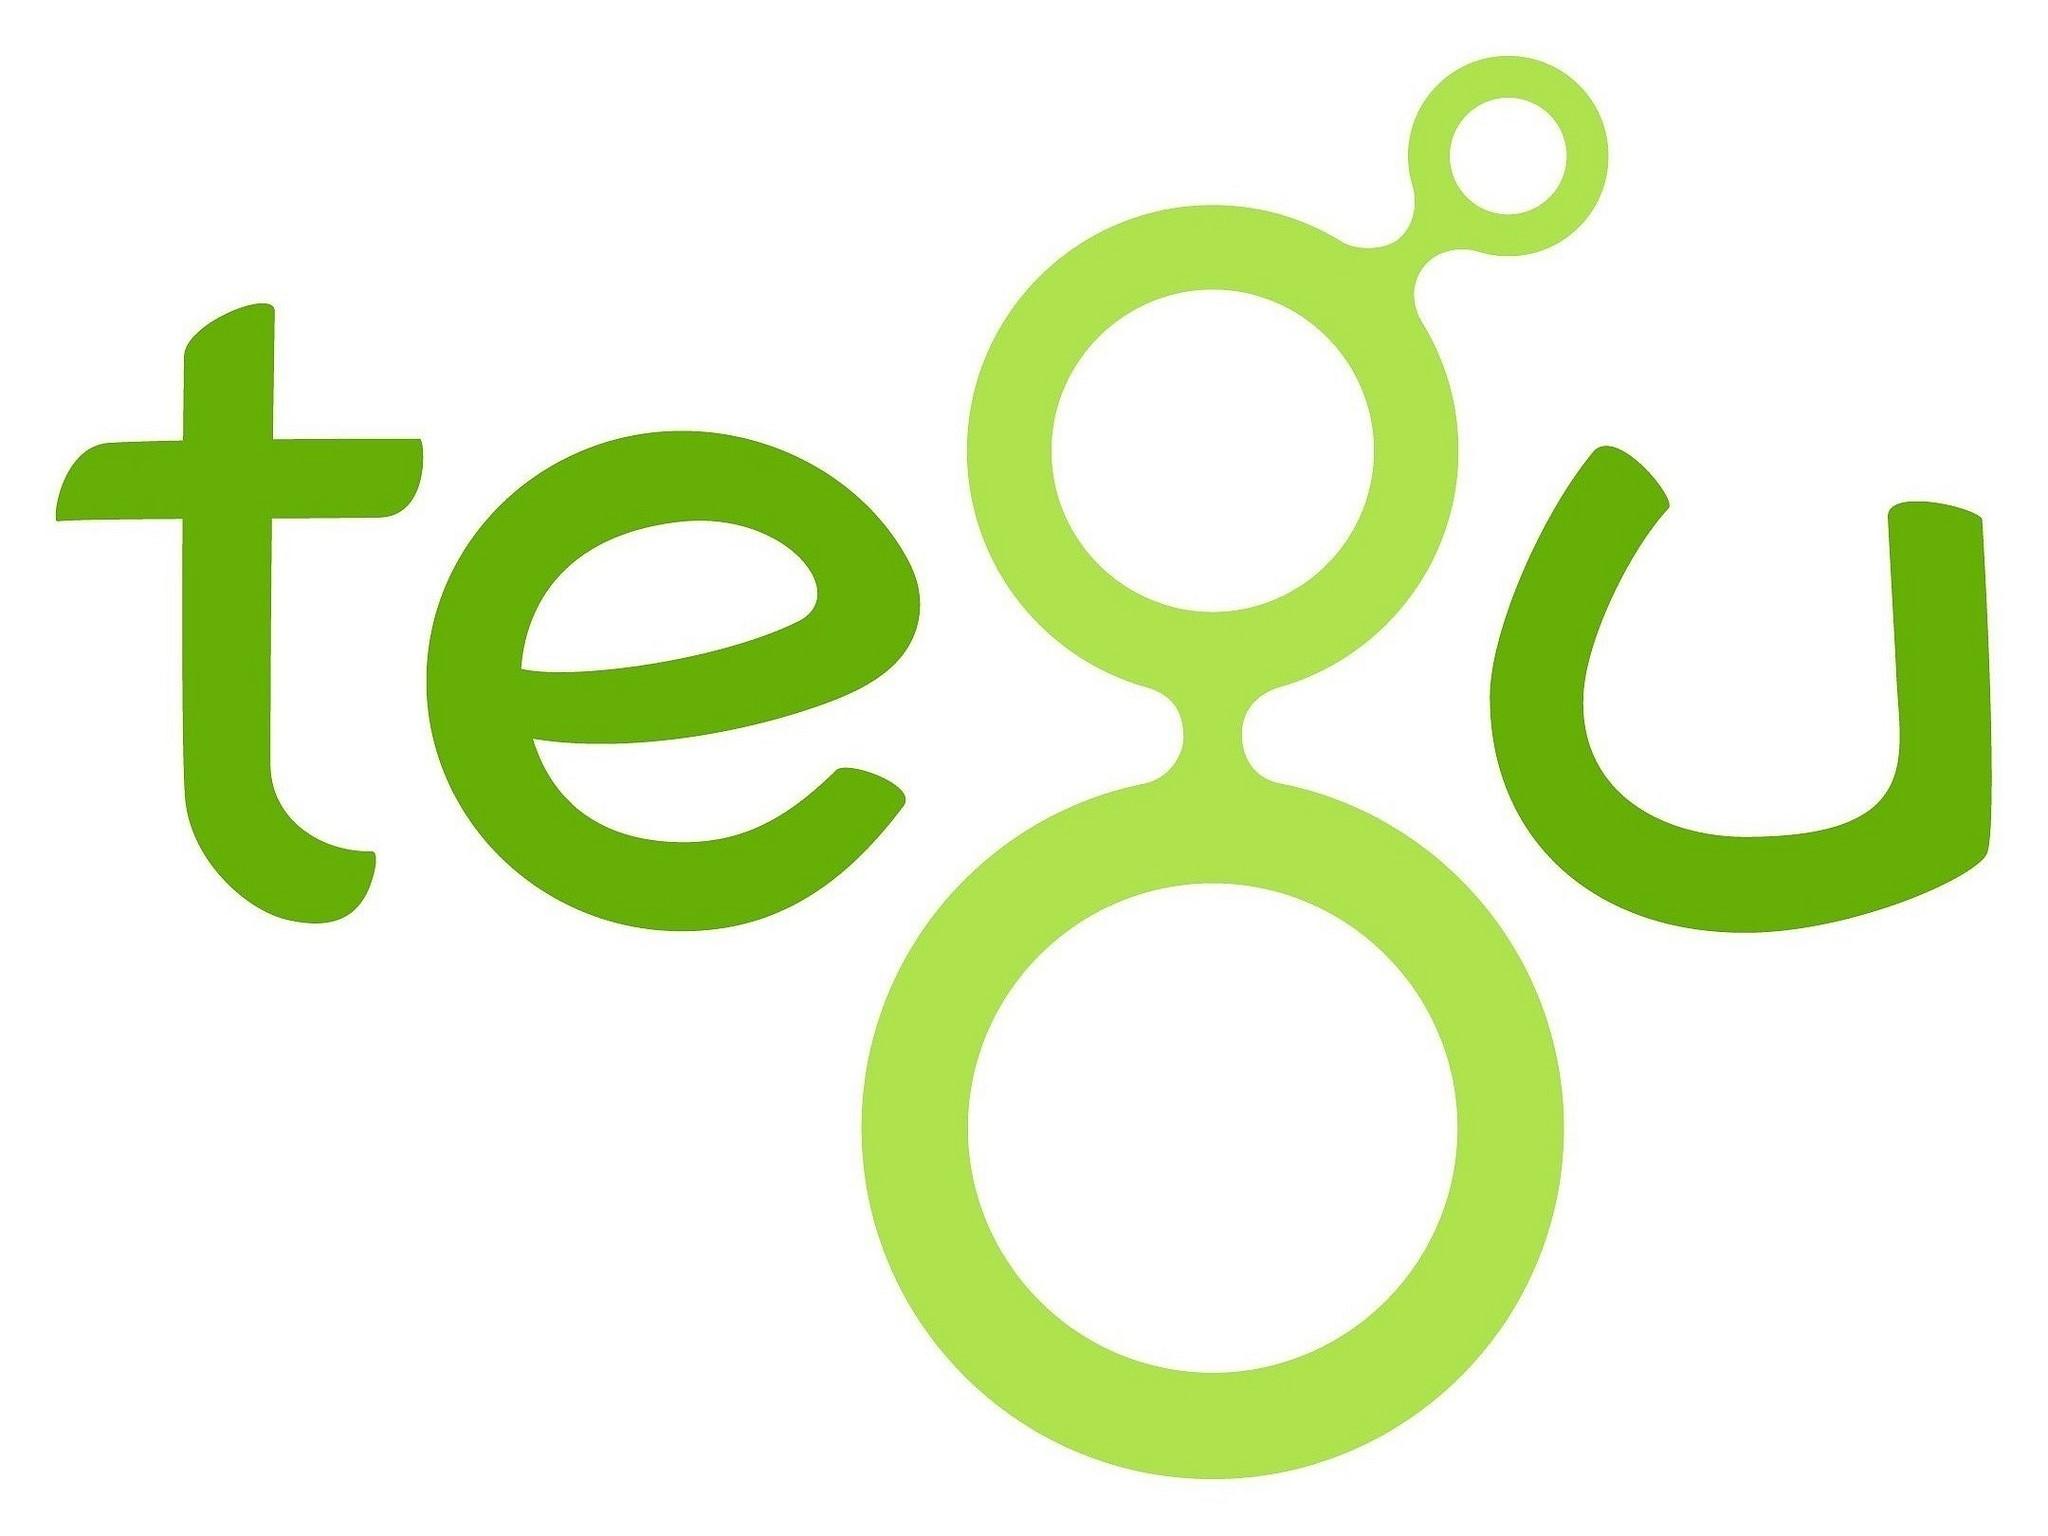 Grafik: Logo der tegu Magnetbausteine aus Holz